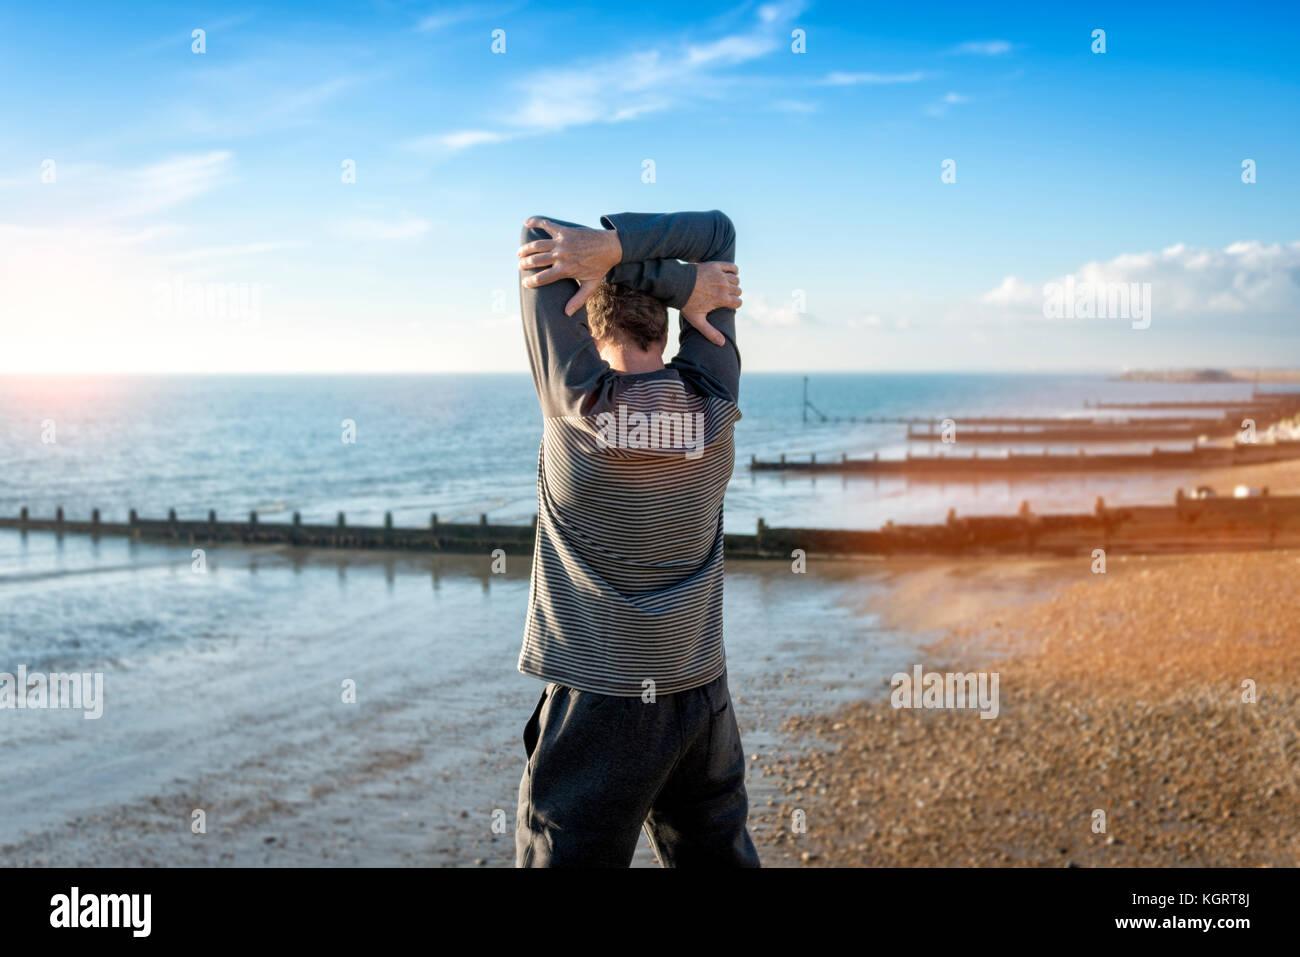 L'homme s'étend de la mer, l'échauffement avant l'exercice de la formation. Photo Stock